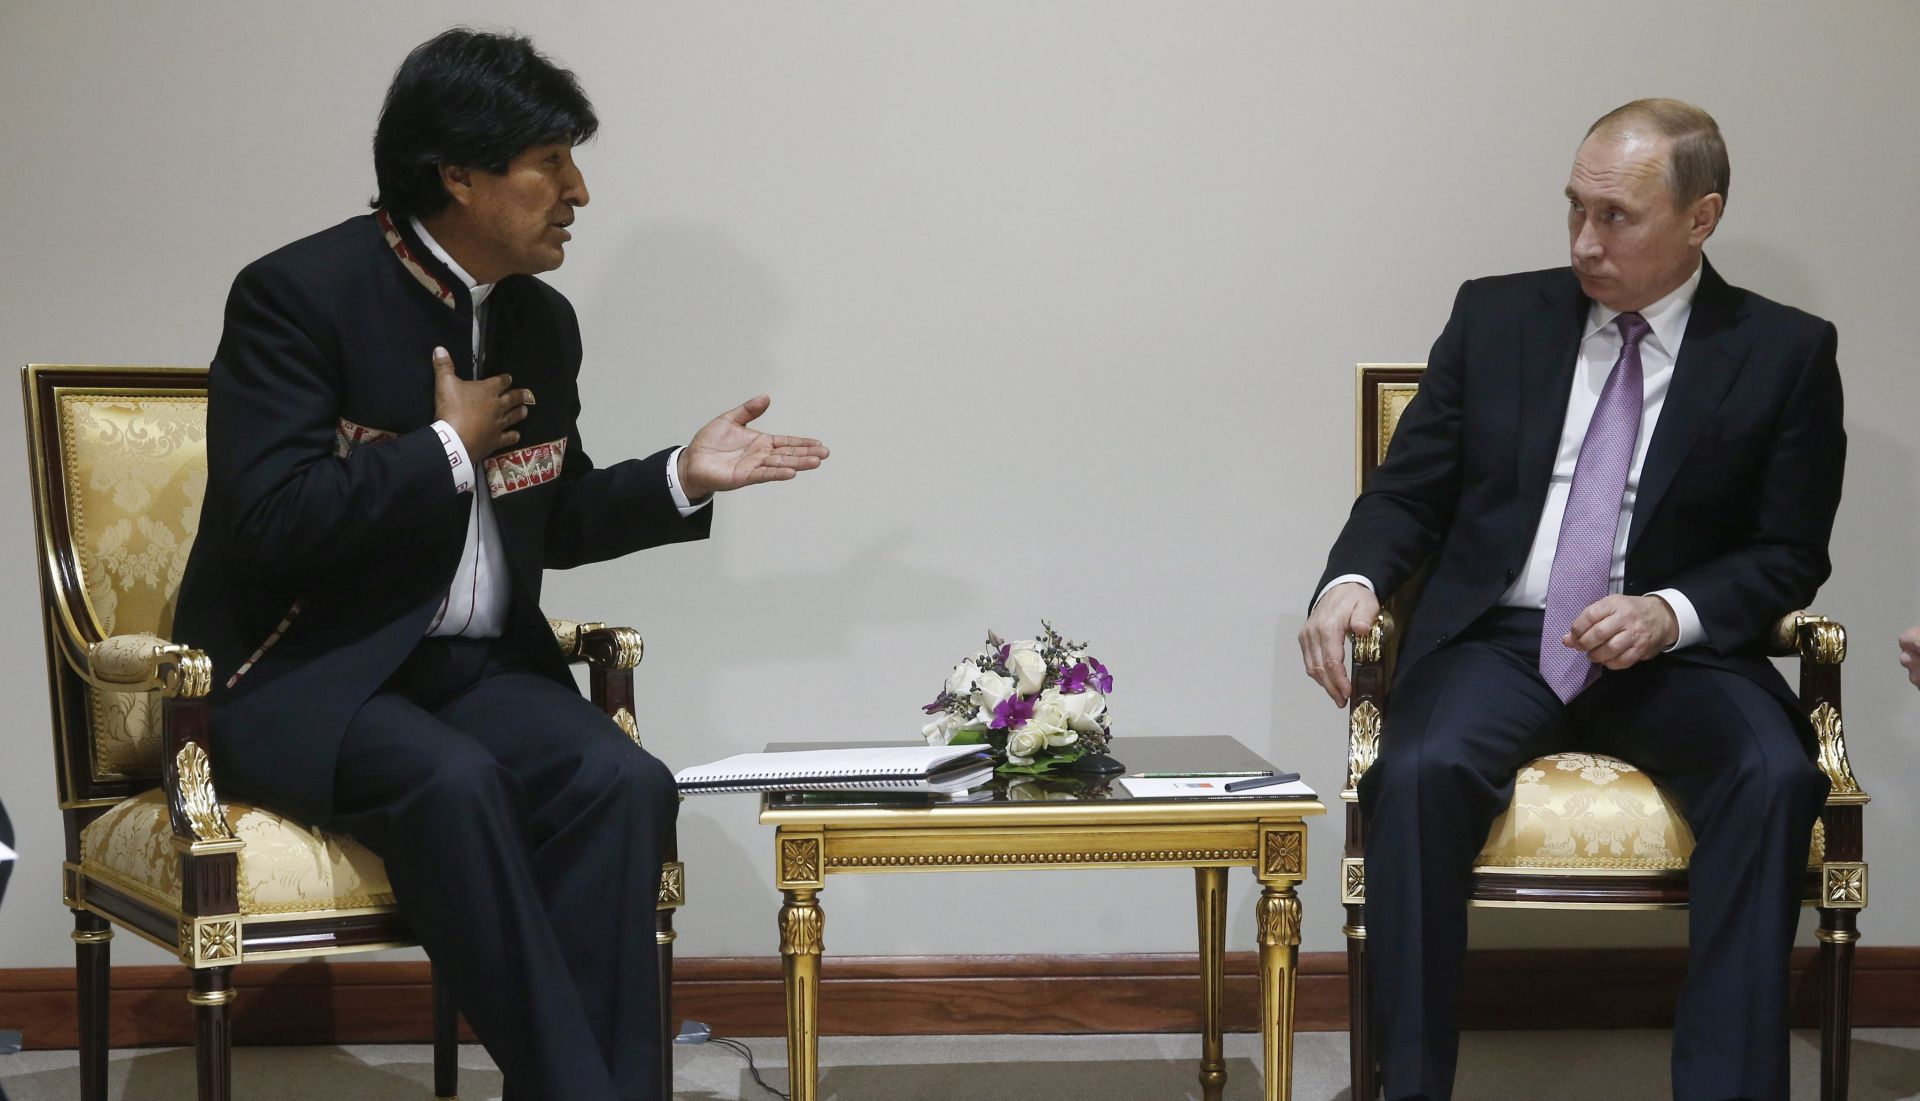 NAKON IZBORA Morales: Boli me gledati političku panoramu u Južnoj Americi